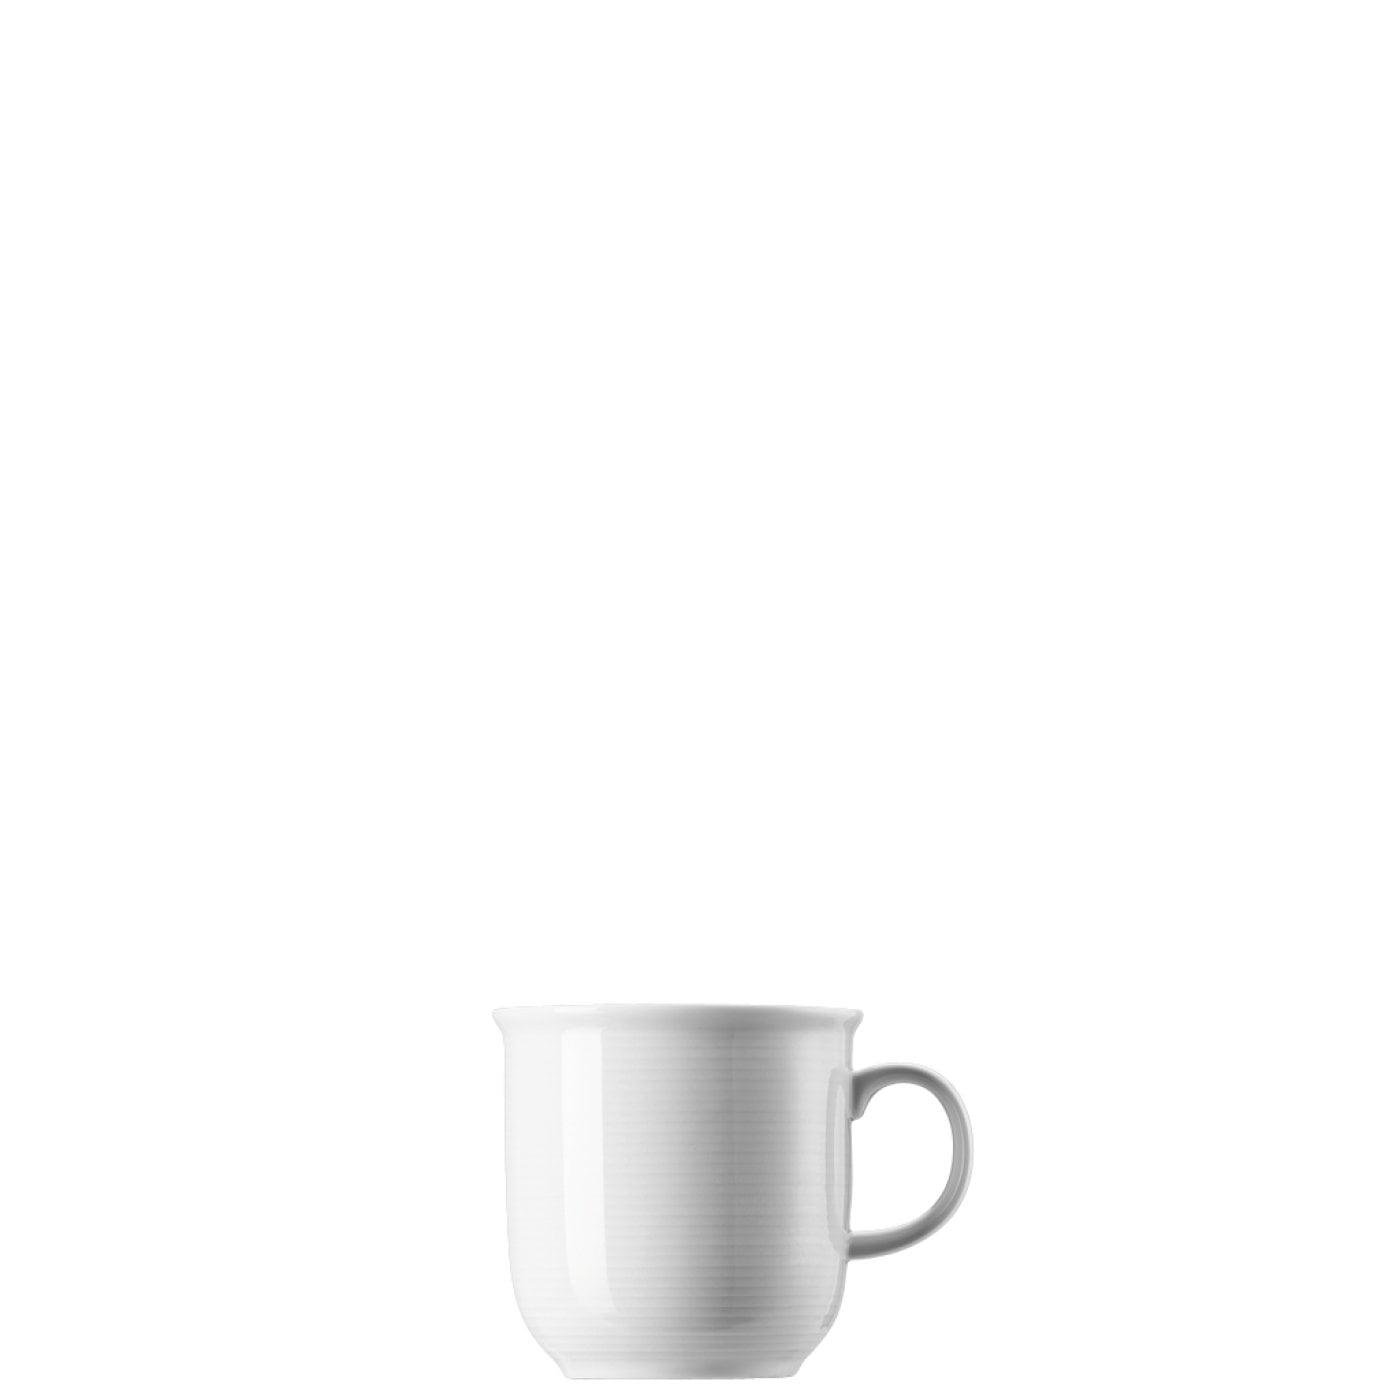 Thomas 8 x Becher mit Henkel groß Trend Weiß 11400-800001-15571